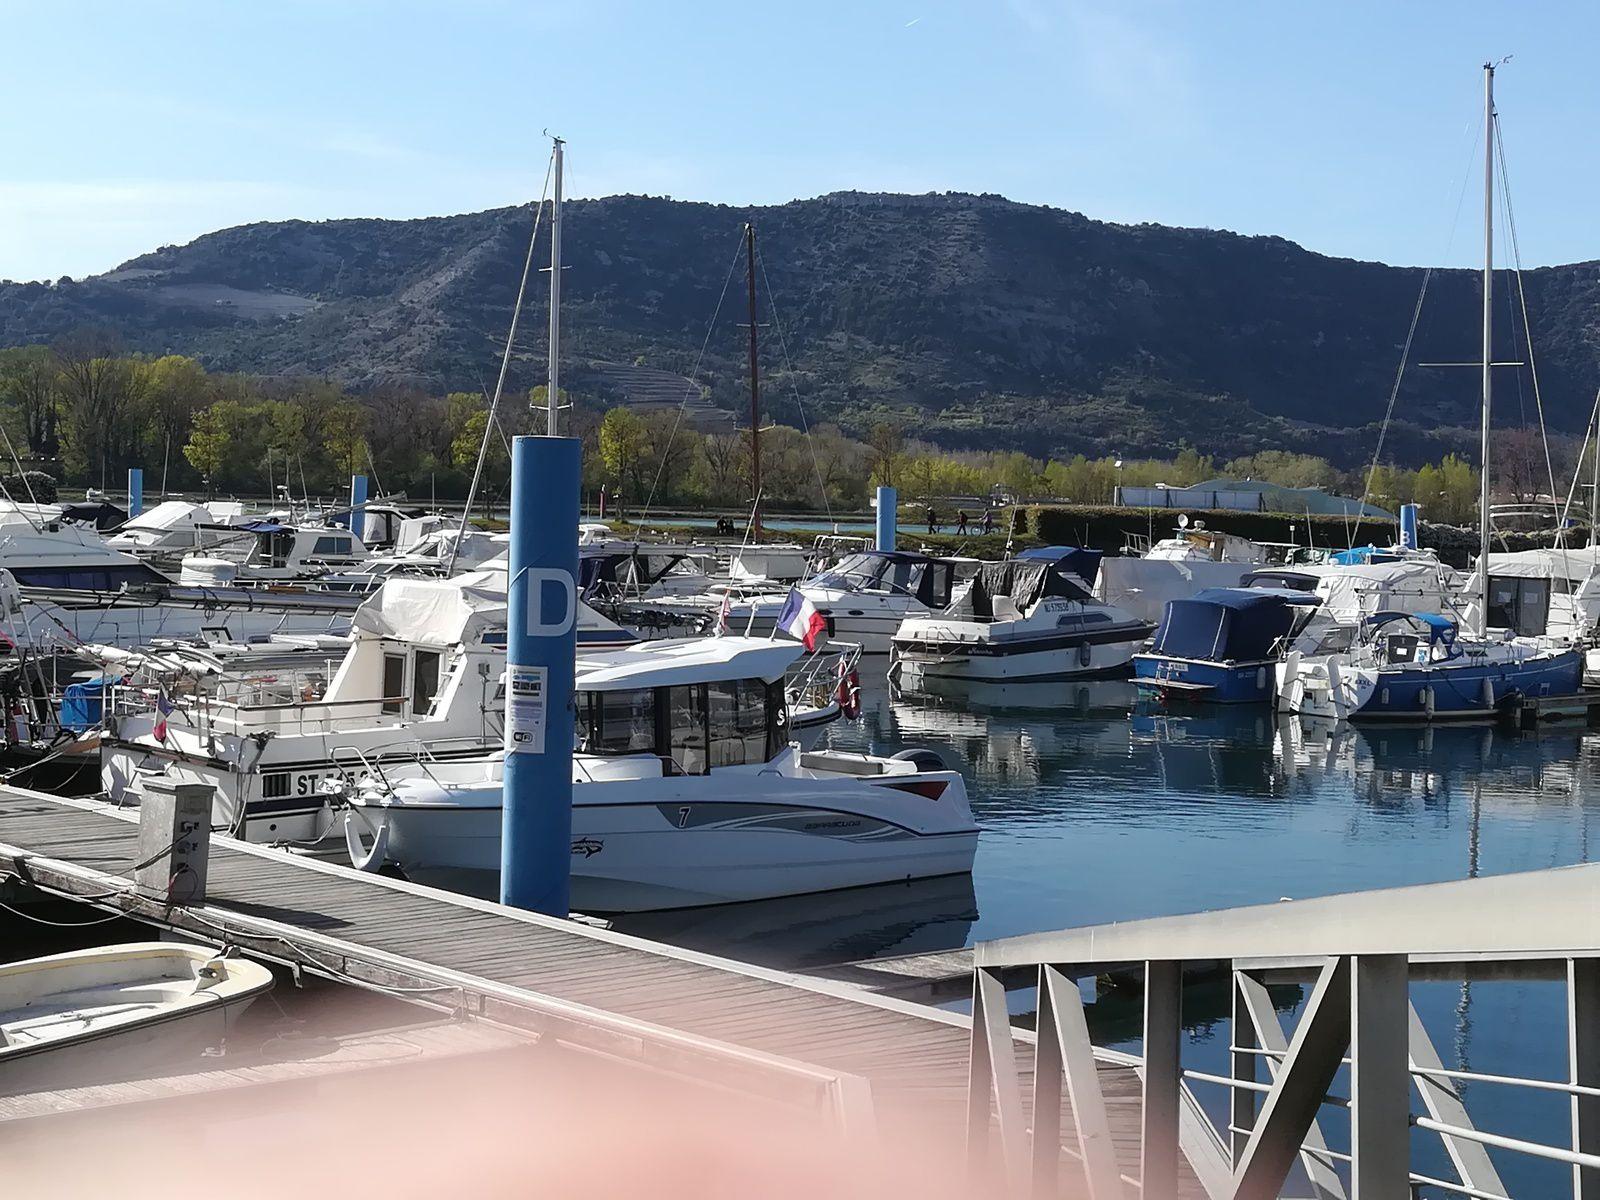 24 heures photo : Oh, mon bateau o o o...